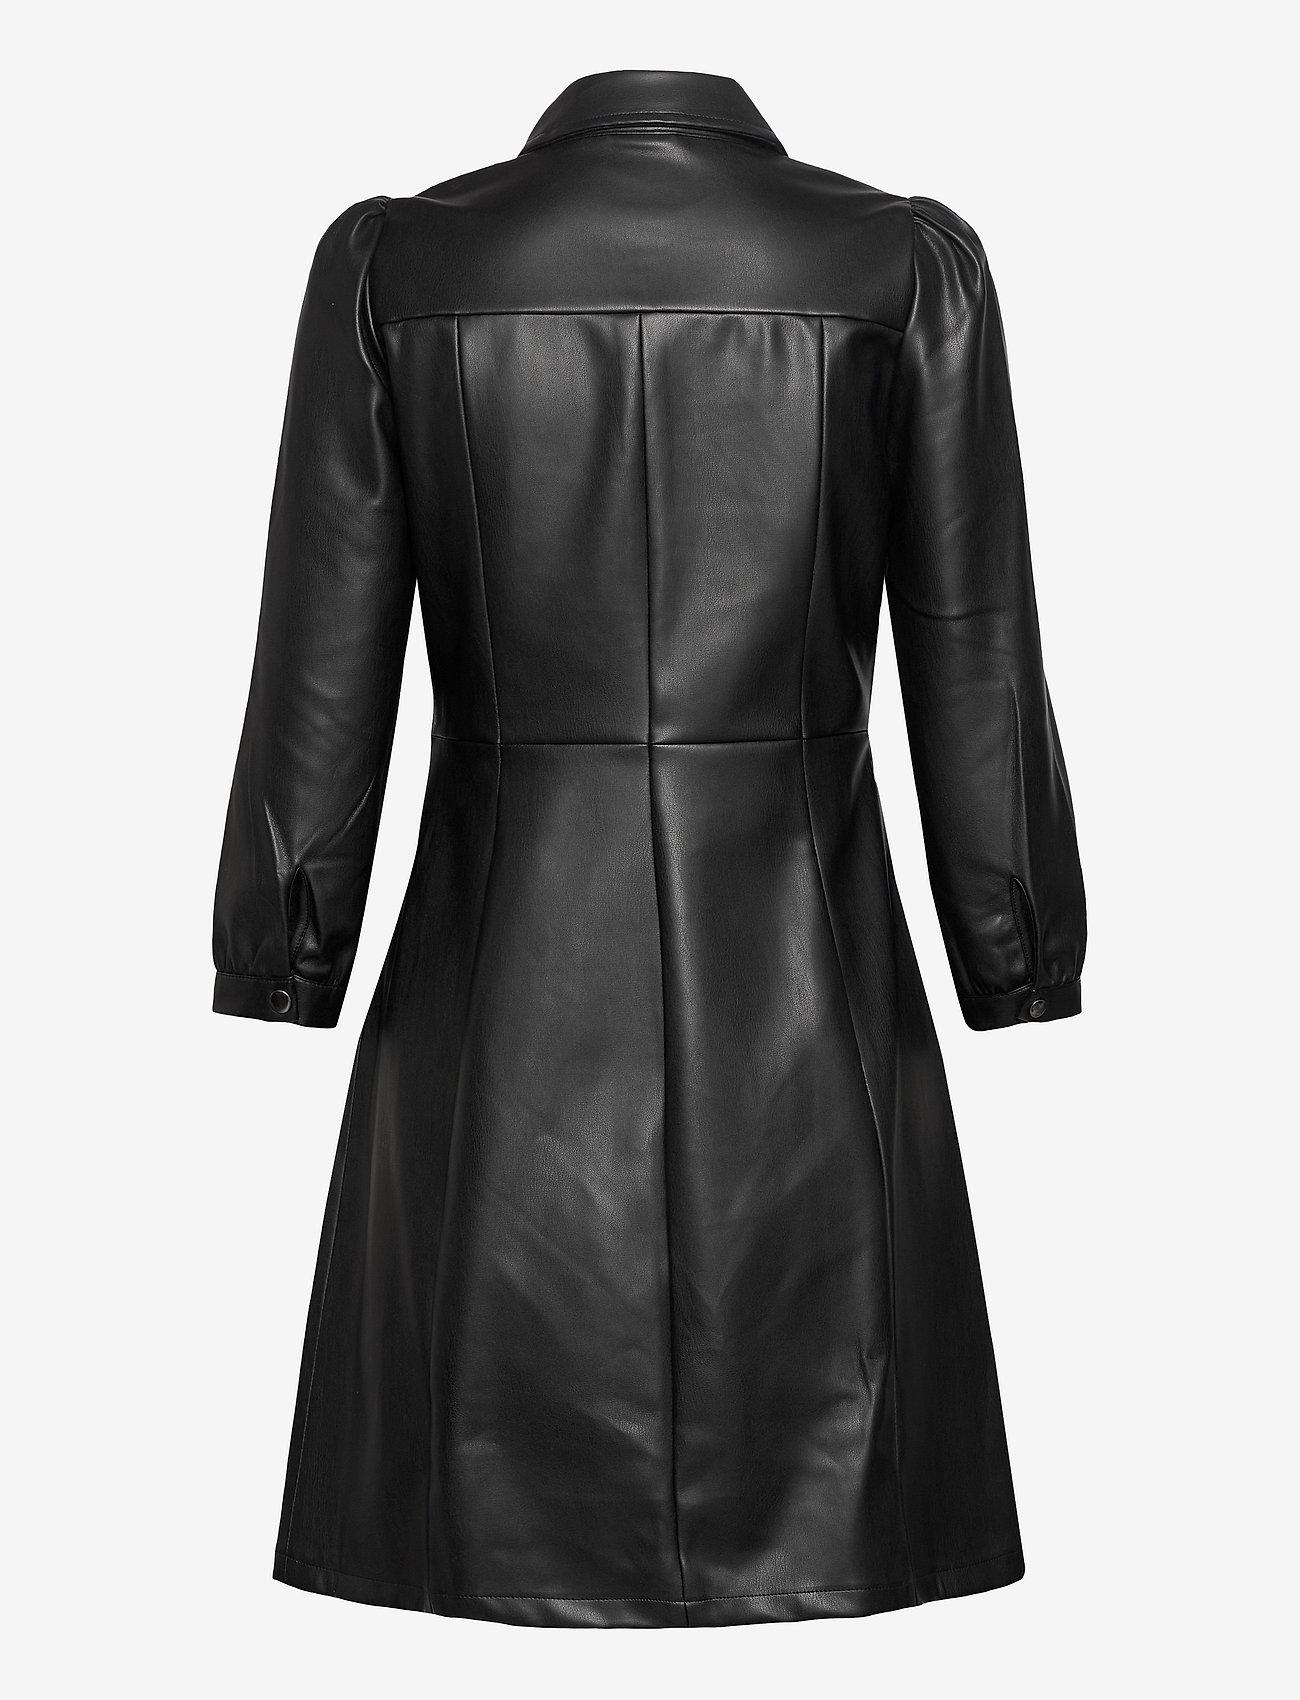 Vero Moda - VMBUTTERMOLLY ABOVE KNEE COATED DRESS - skjortklänningar - black - 1